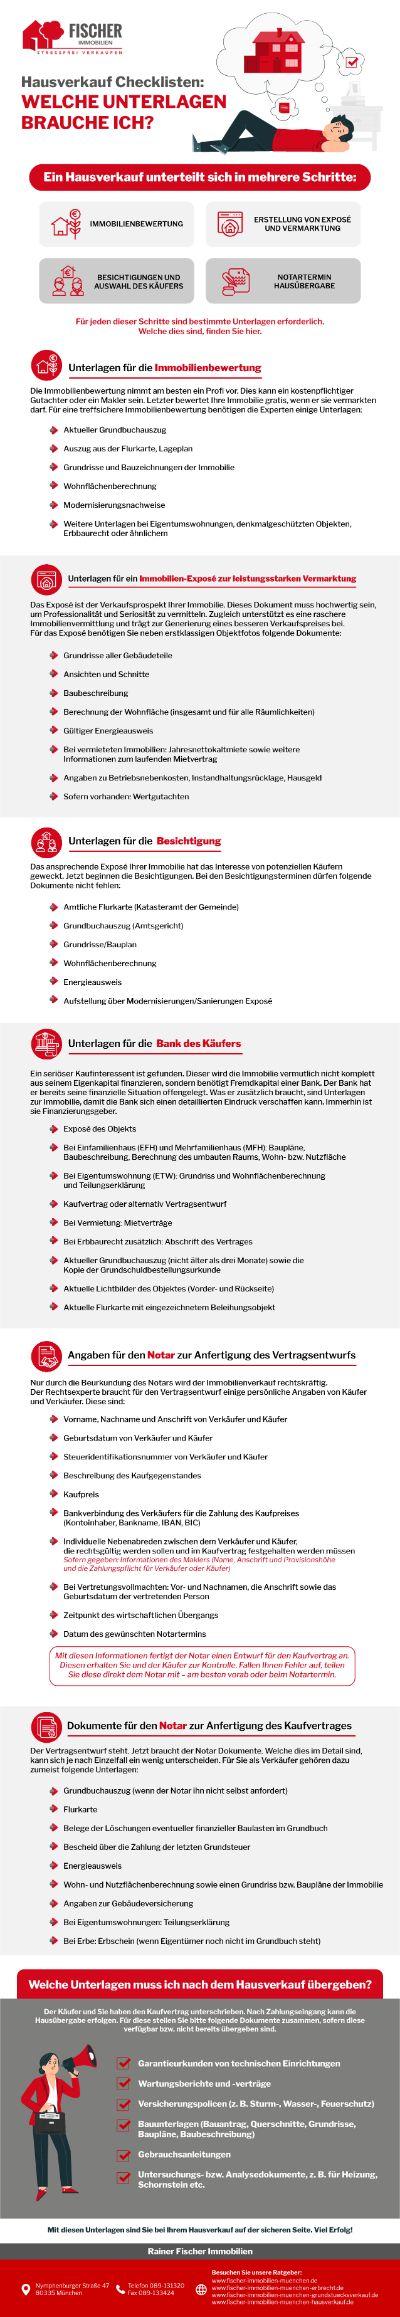 Ratgeber Hausverkauf Infografik - Hausverkauf München: Ohne Diese Dokumente Geht Es Nicht